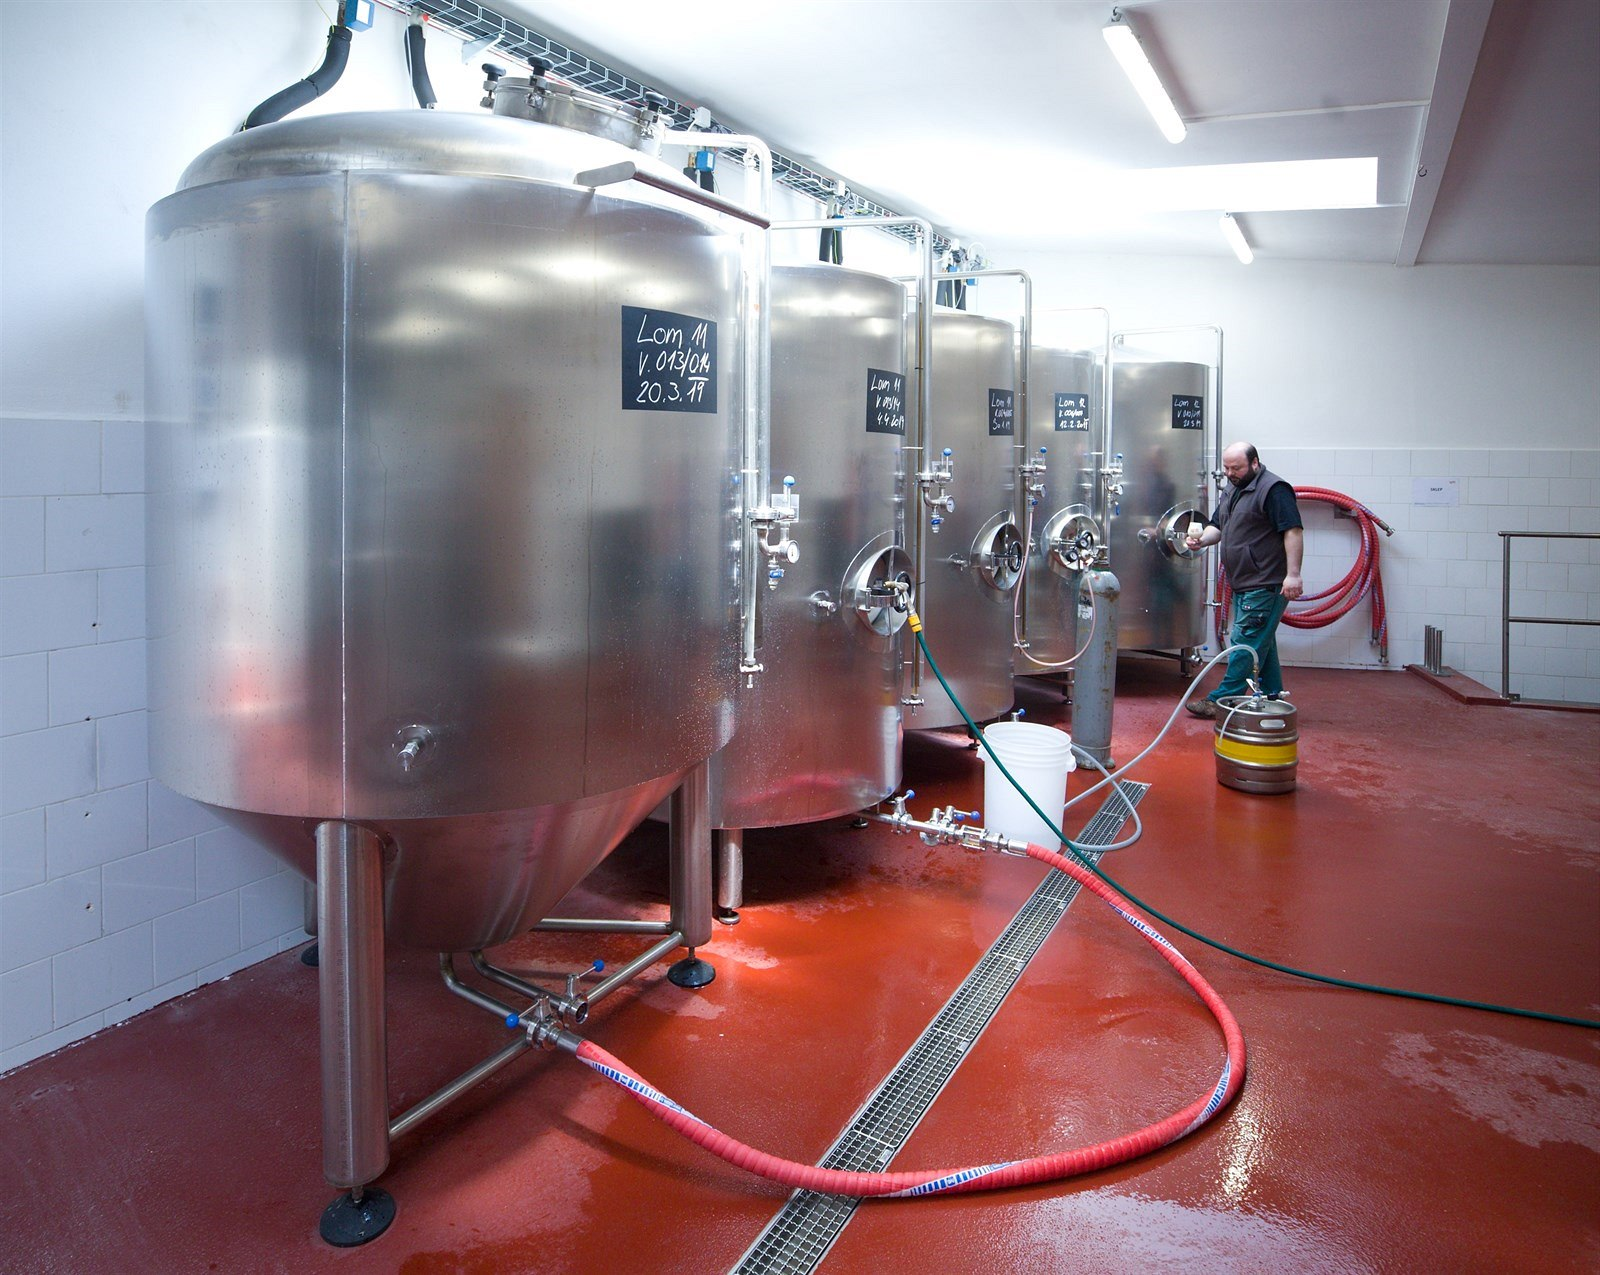 Pivovar v Lomnici povstal po 60 letech. Pivo proniklo i do mongolské jurty